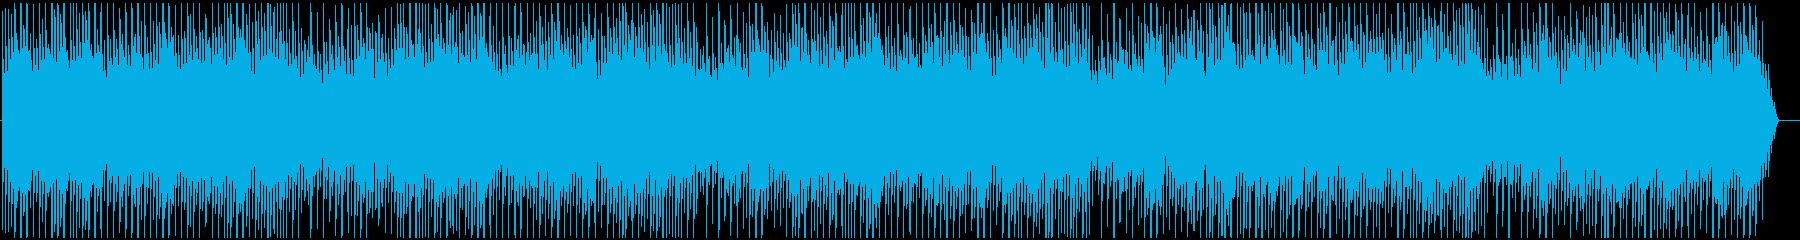 切ない哀愁のあるピアノ曲の再生済みの波形